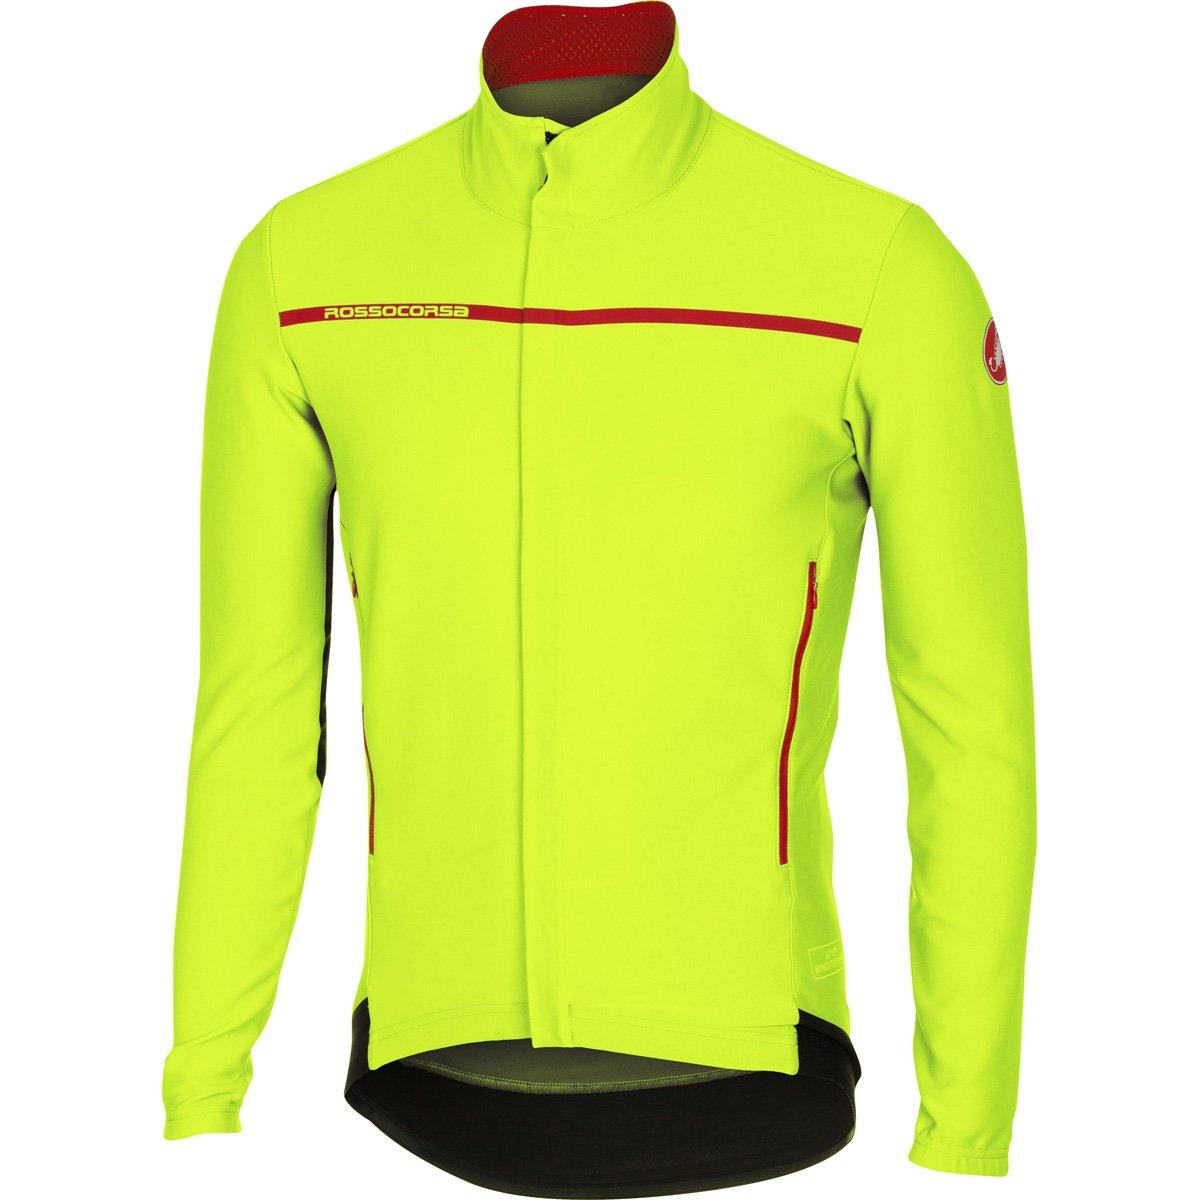 Castelli 2016 / 17メンズPerfetto長袖サイクリングジャケット – b16507 B01L2XO5WW Large|イエロー(Yellow Fluo) イエロー(Yellow Fluo) Large